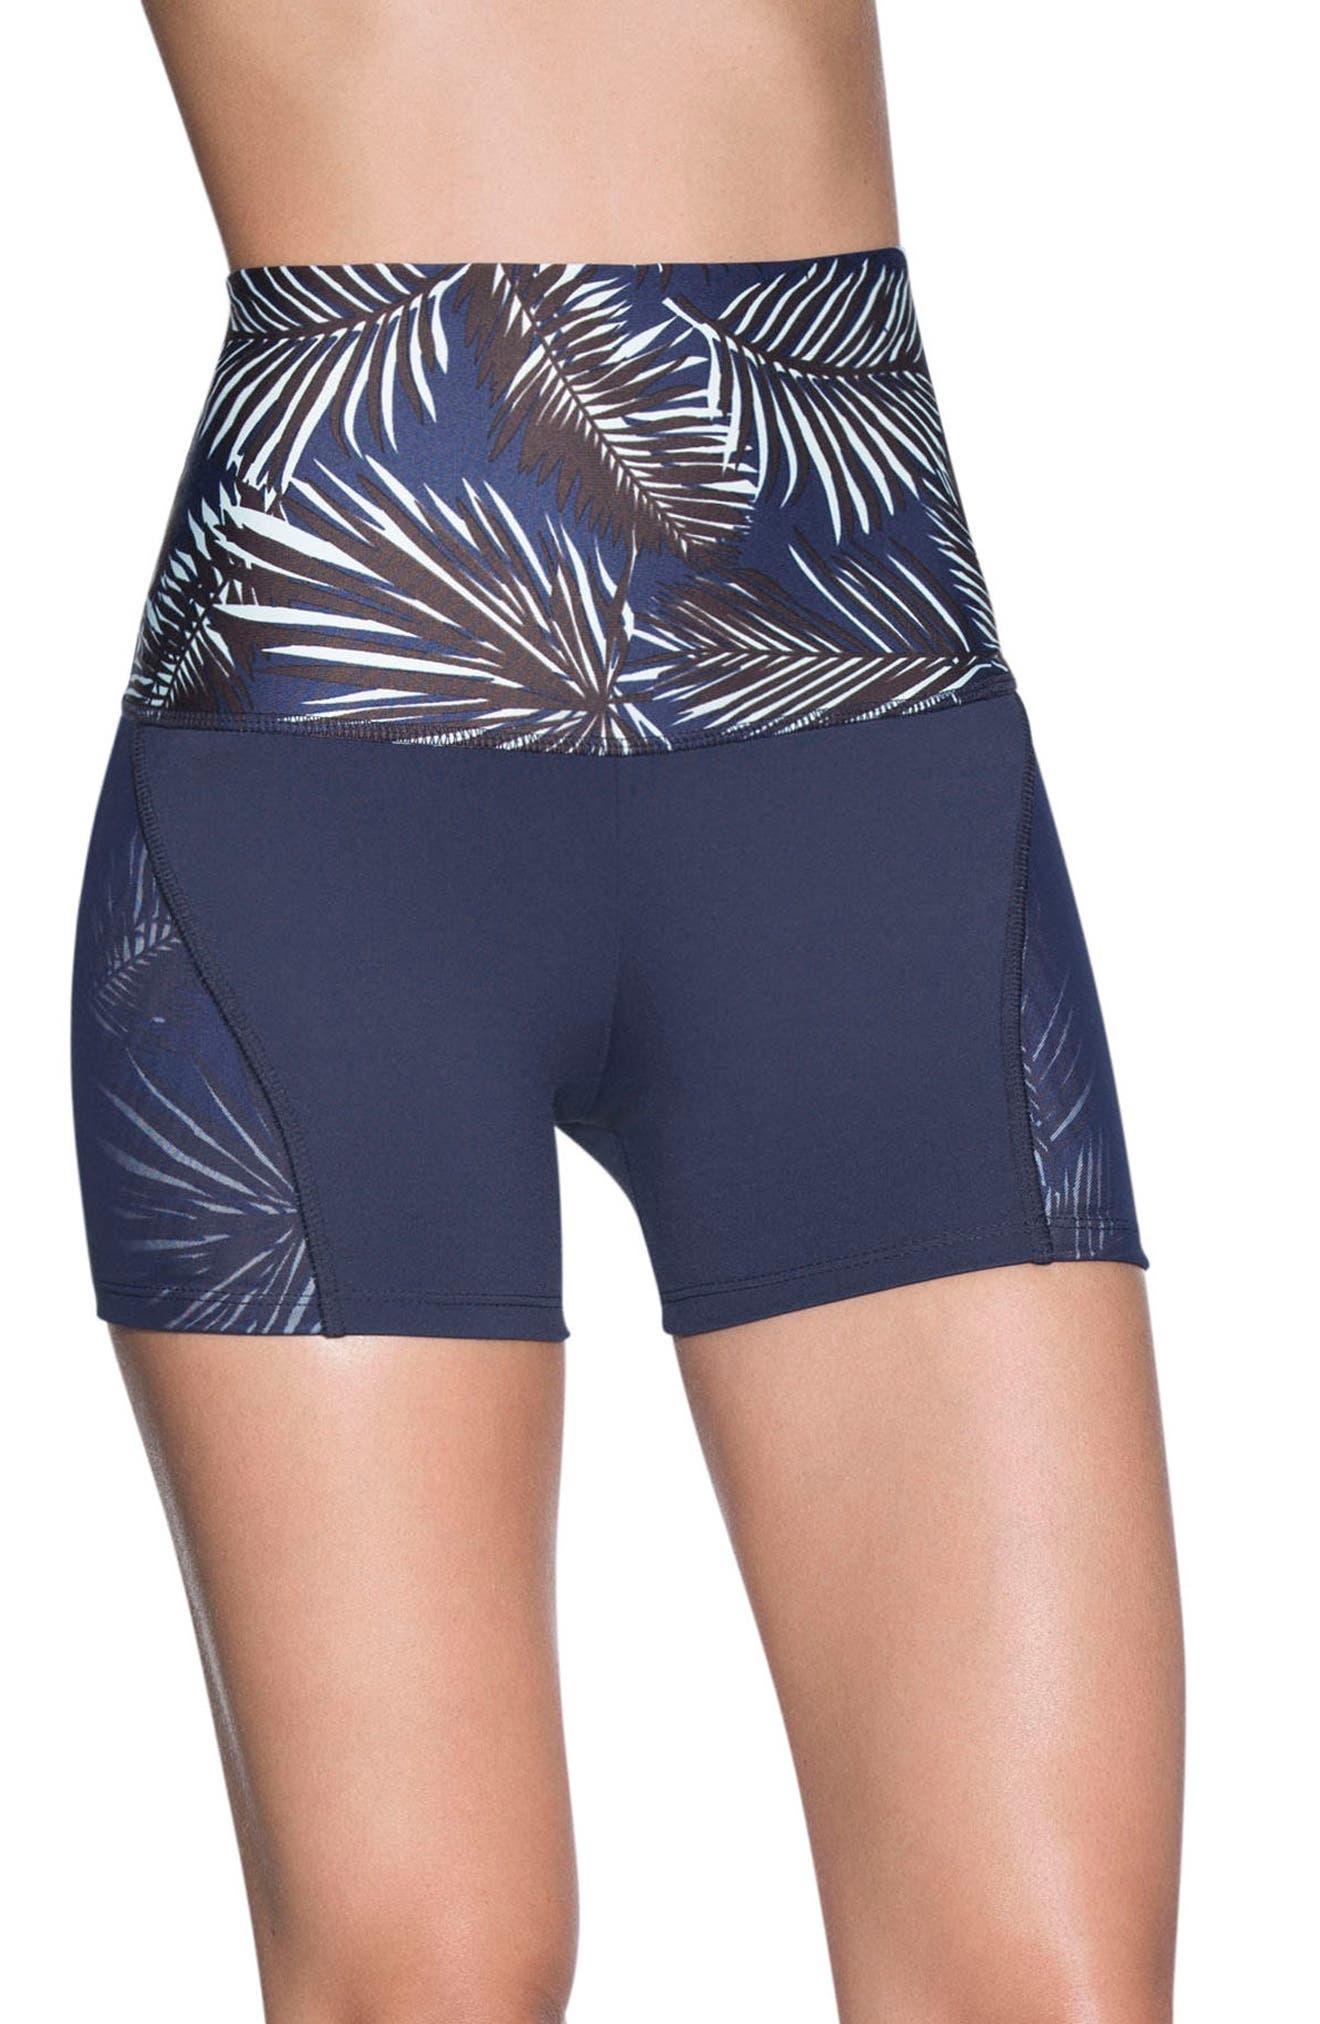 Main Image - Maaji Cobra High Waist Shorts